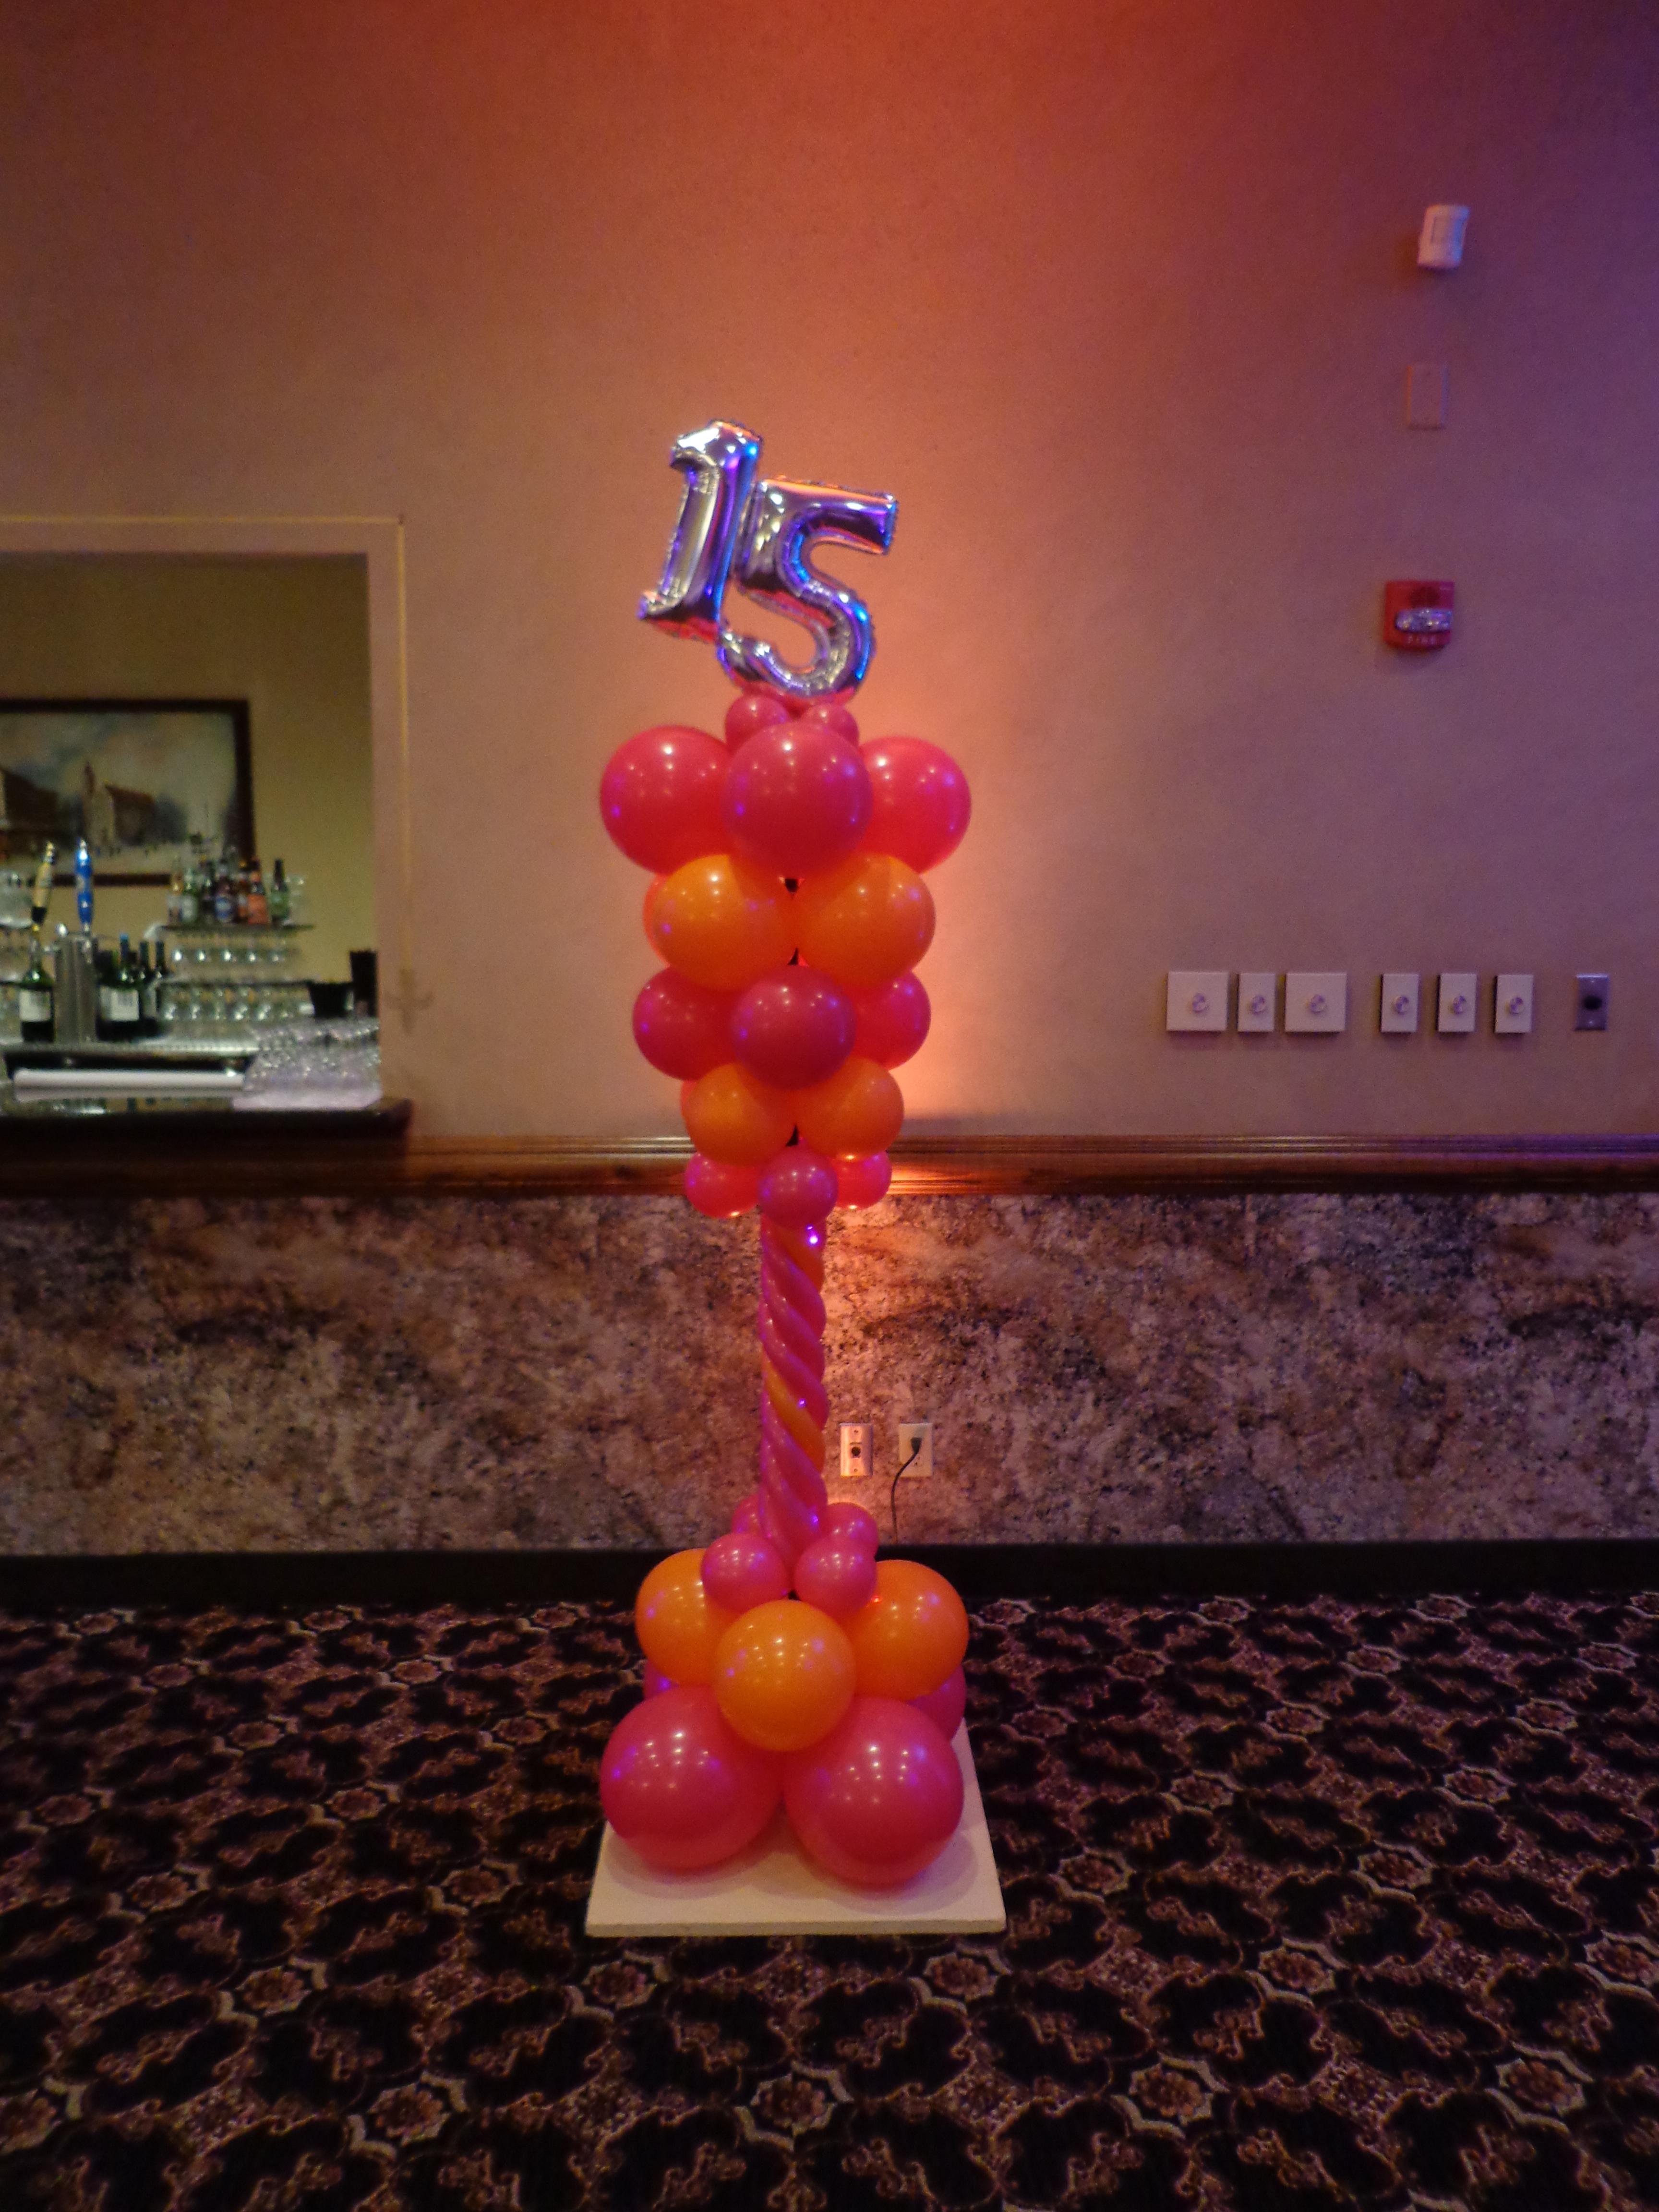 Quinceanera balloon decor amytheballoonlady